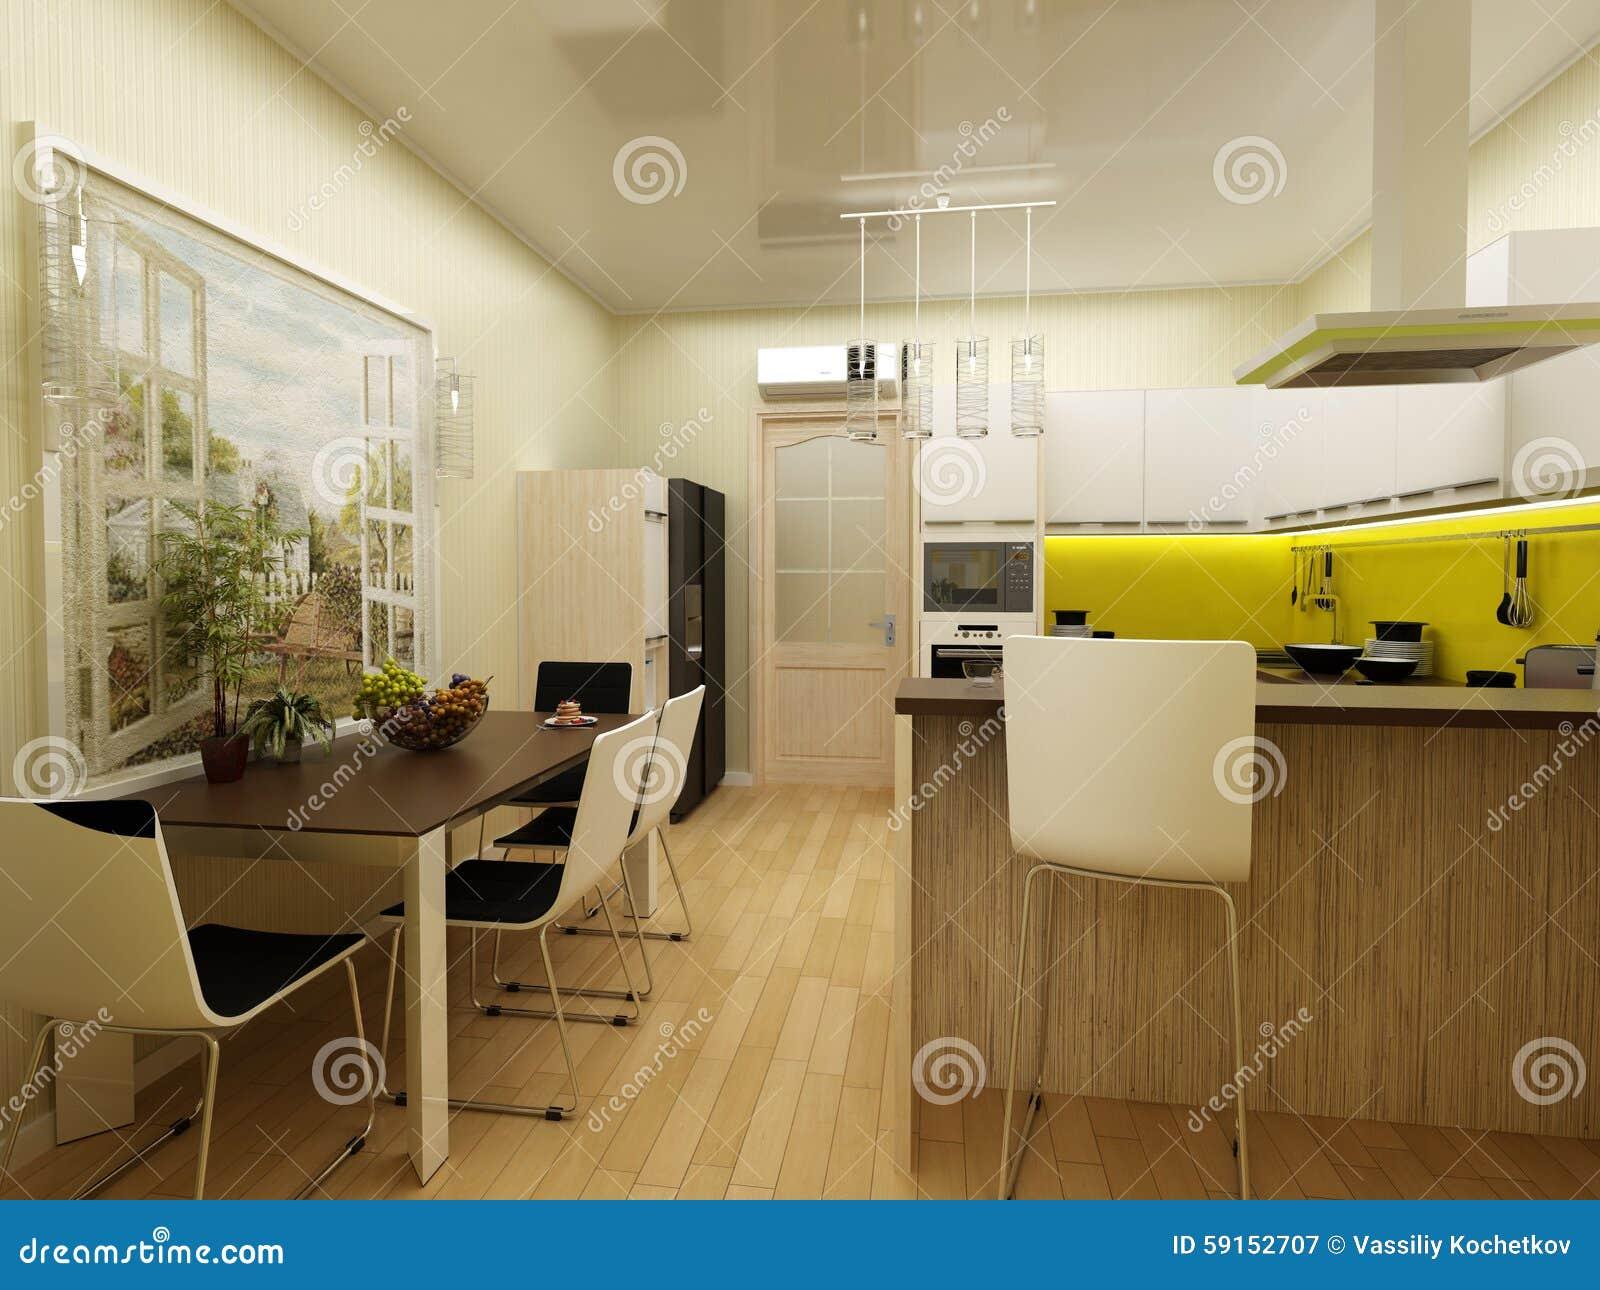 Geel De Keuken : Geel modern keuken binnenlands d concept stock illustratie